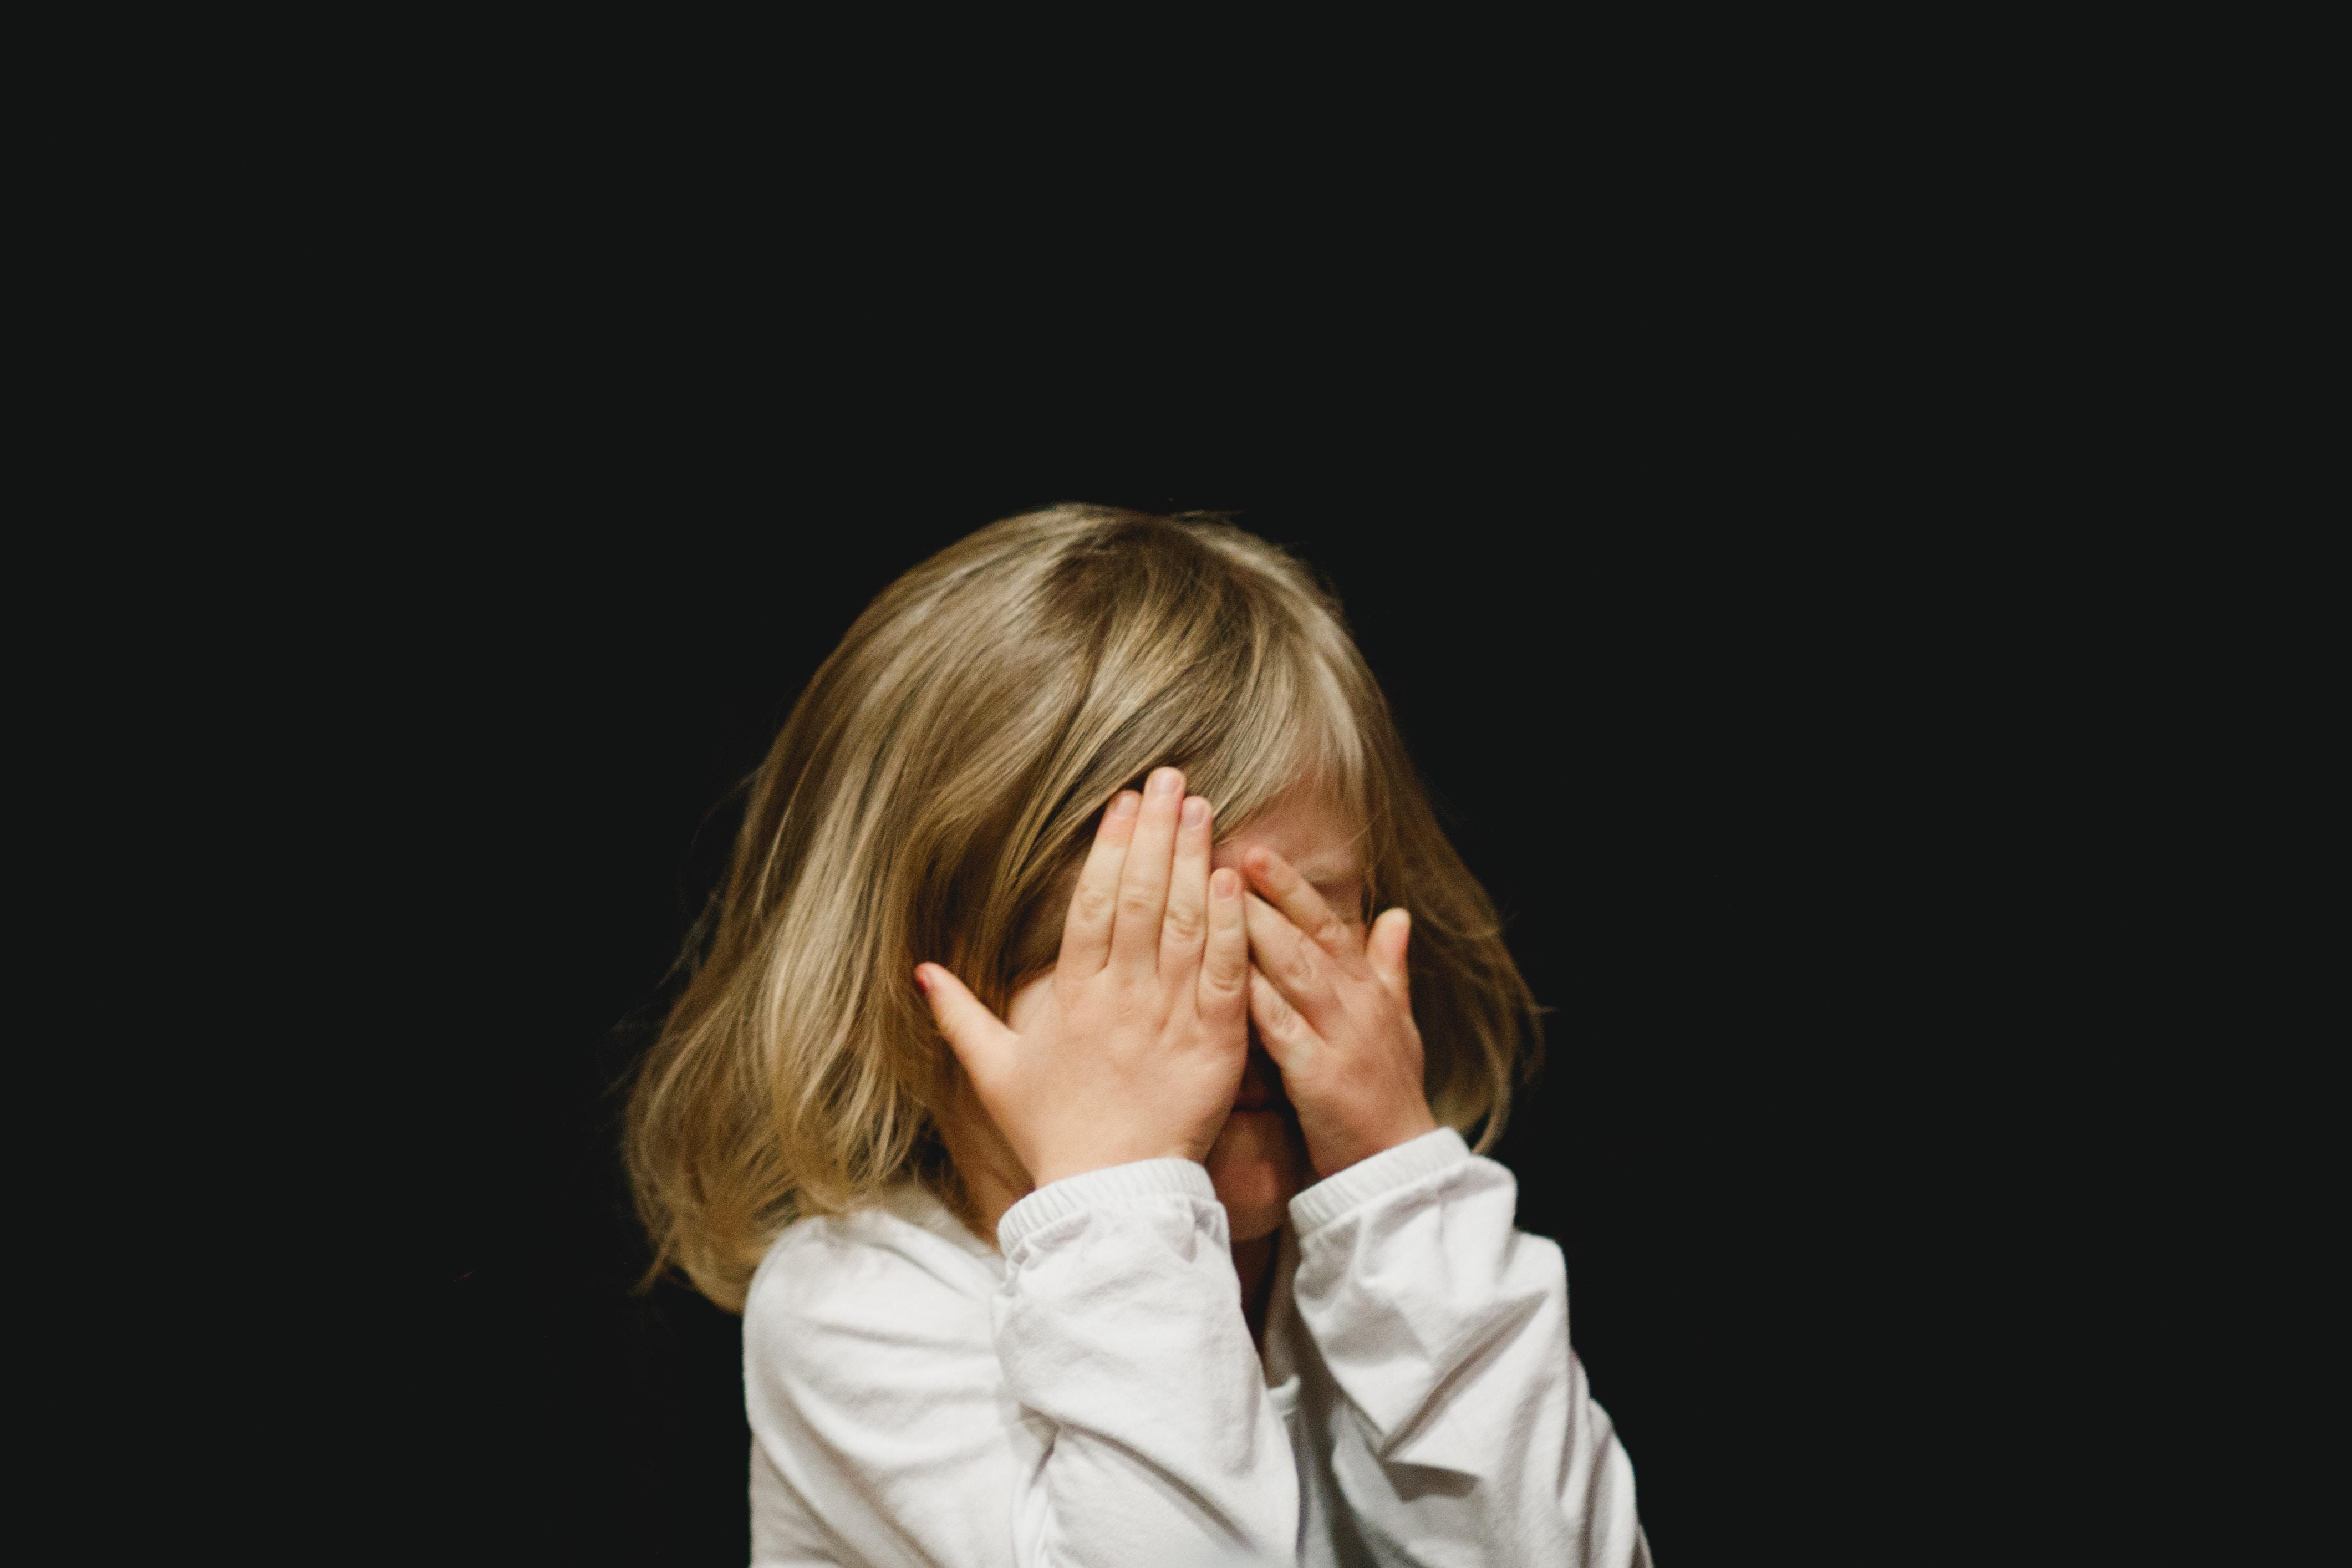 kislány nem akarja látni a képernyőt